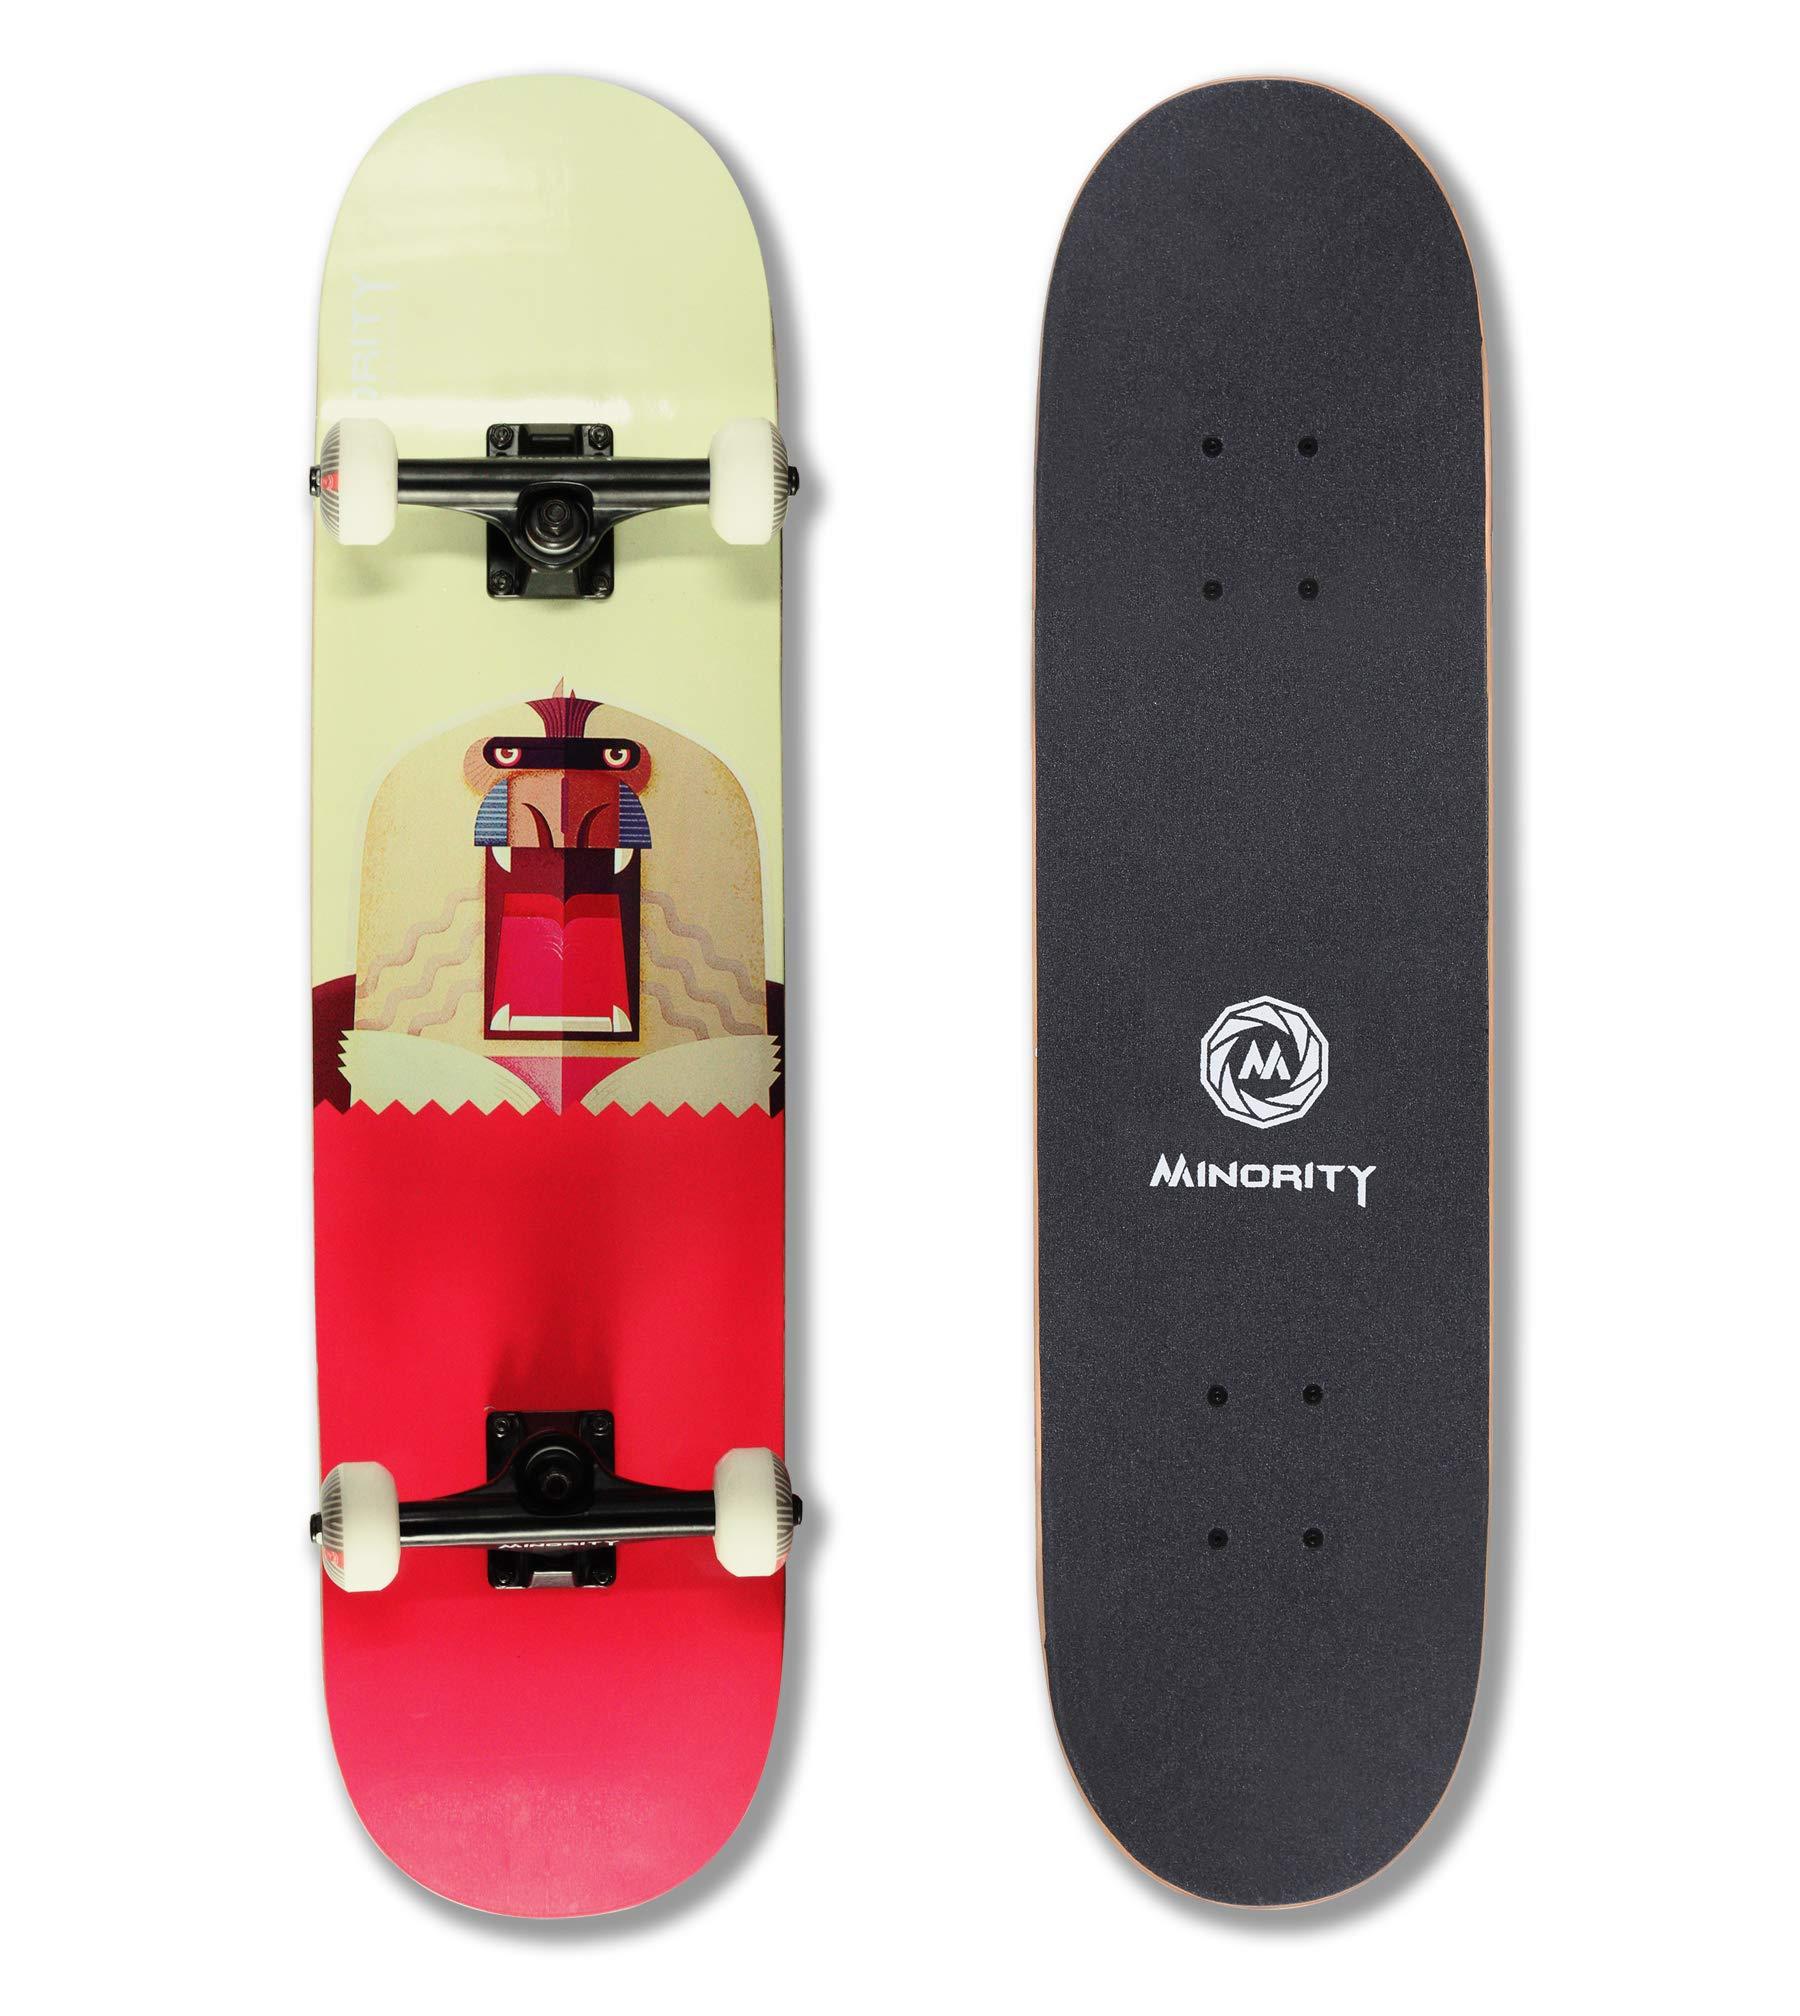 MINORITY 32inch Maple Skateboard (Baboon) by MINORITY